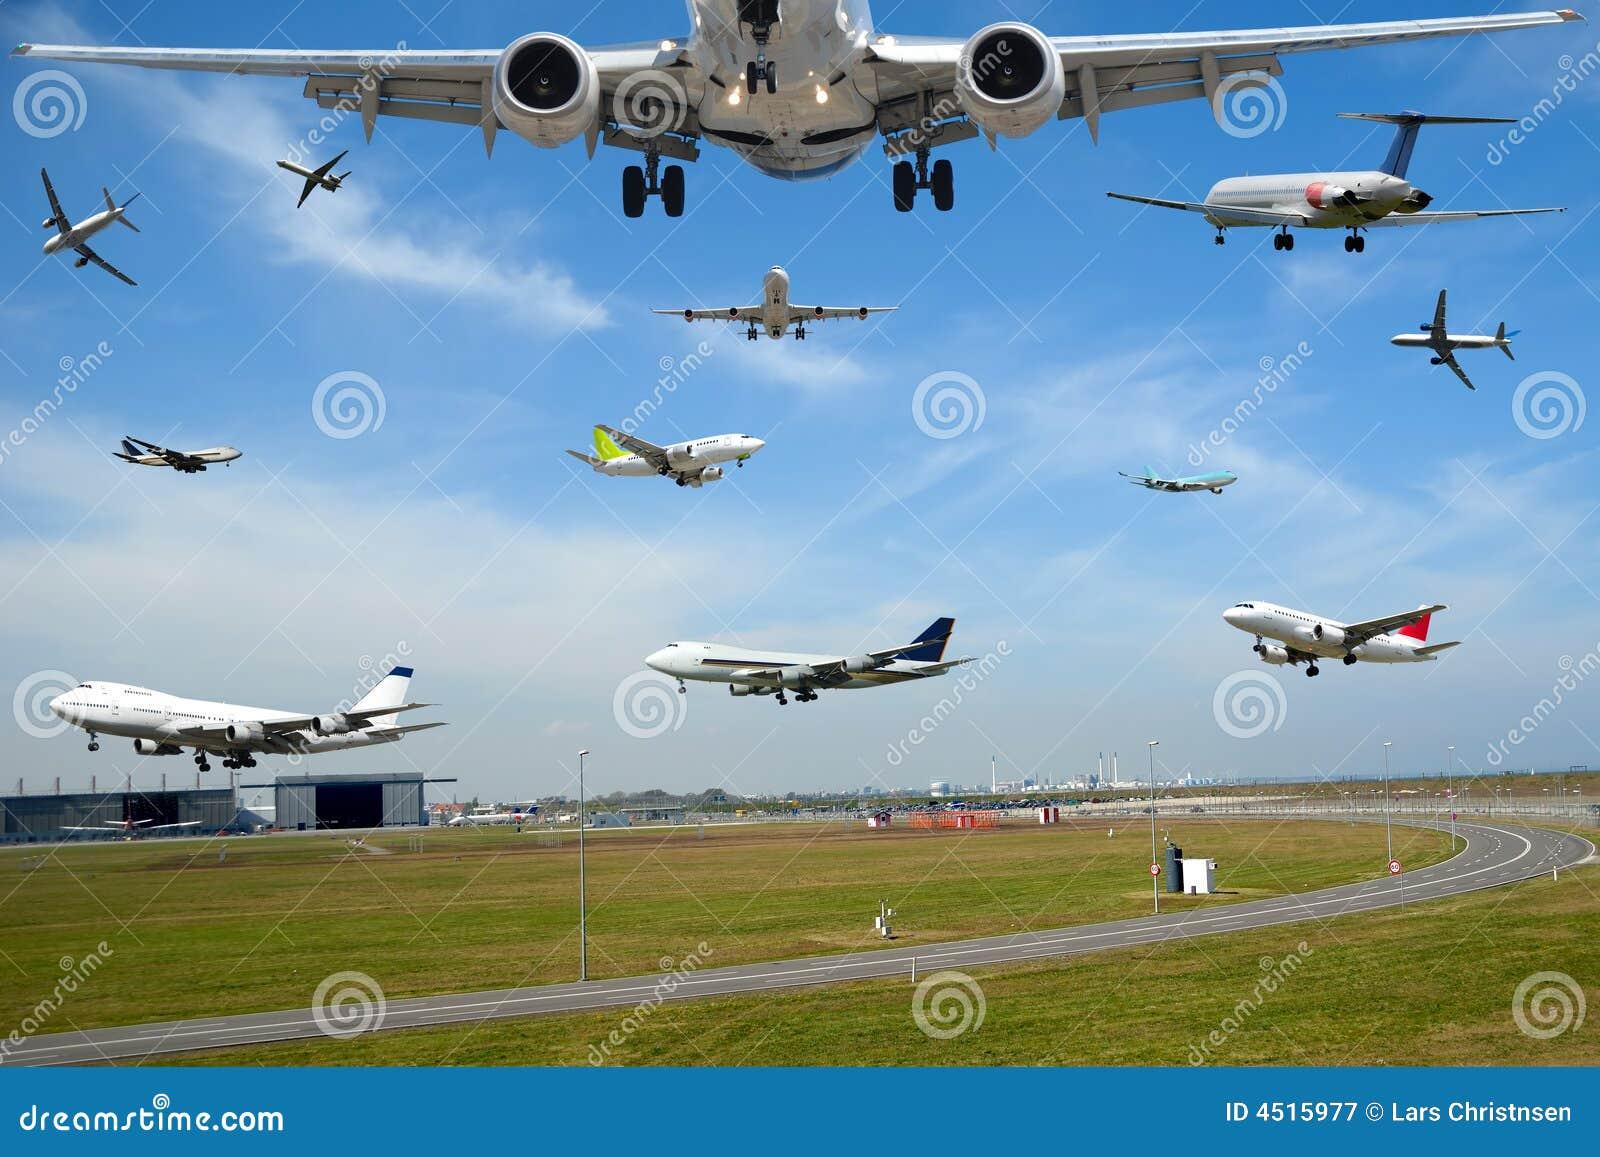 Transports aériens - circulation plate dans l aéroport à l heure de pointe